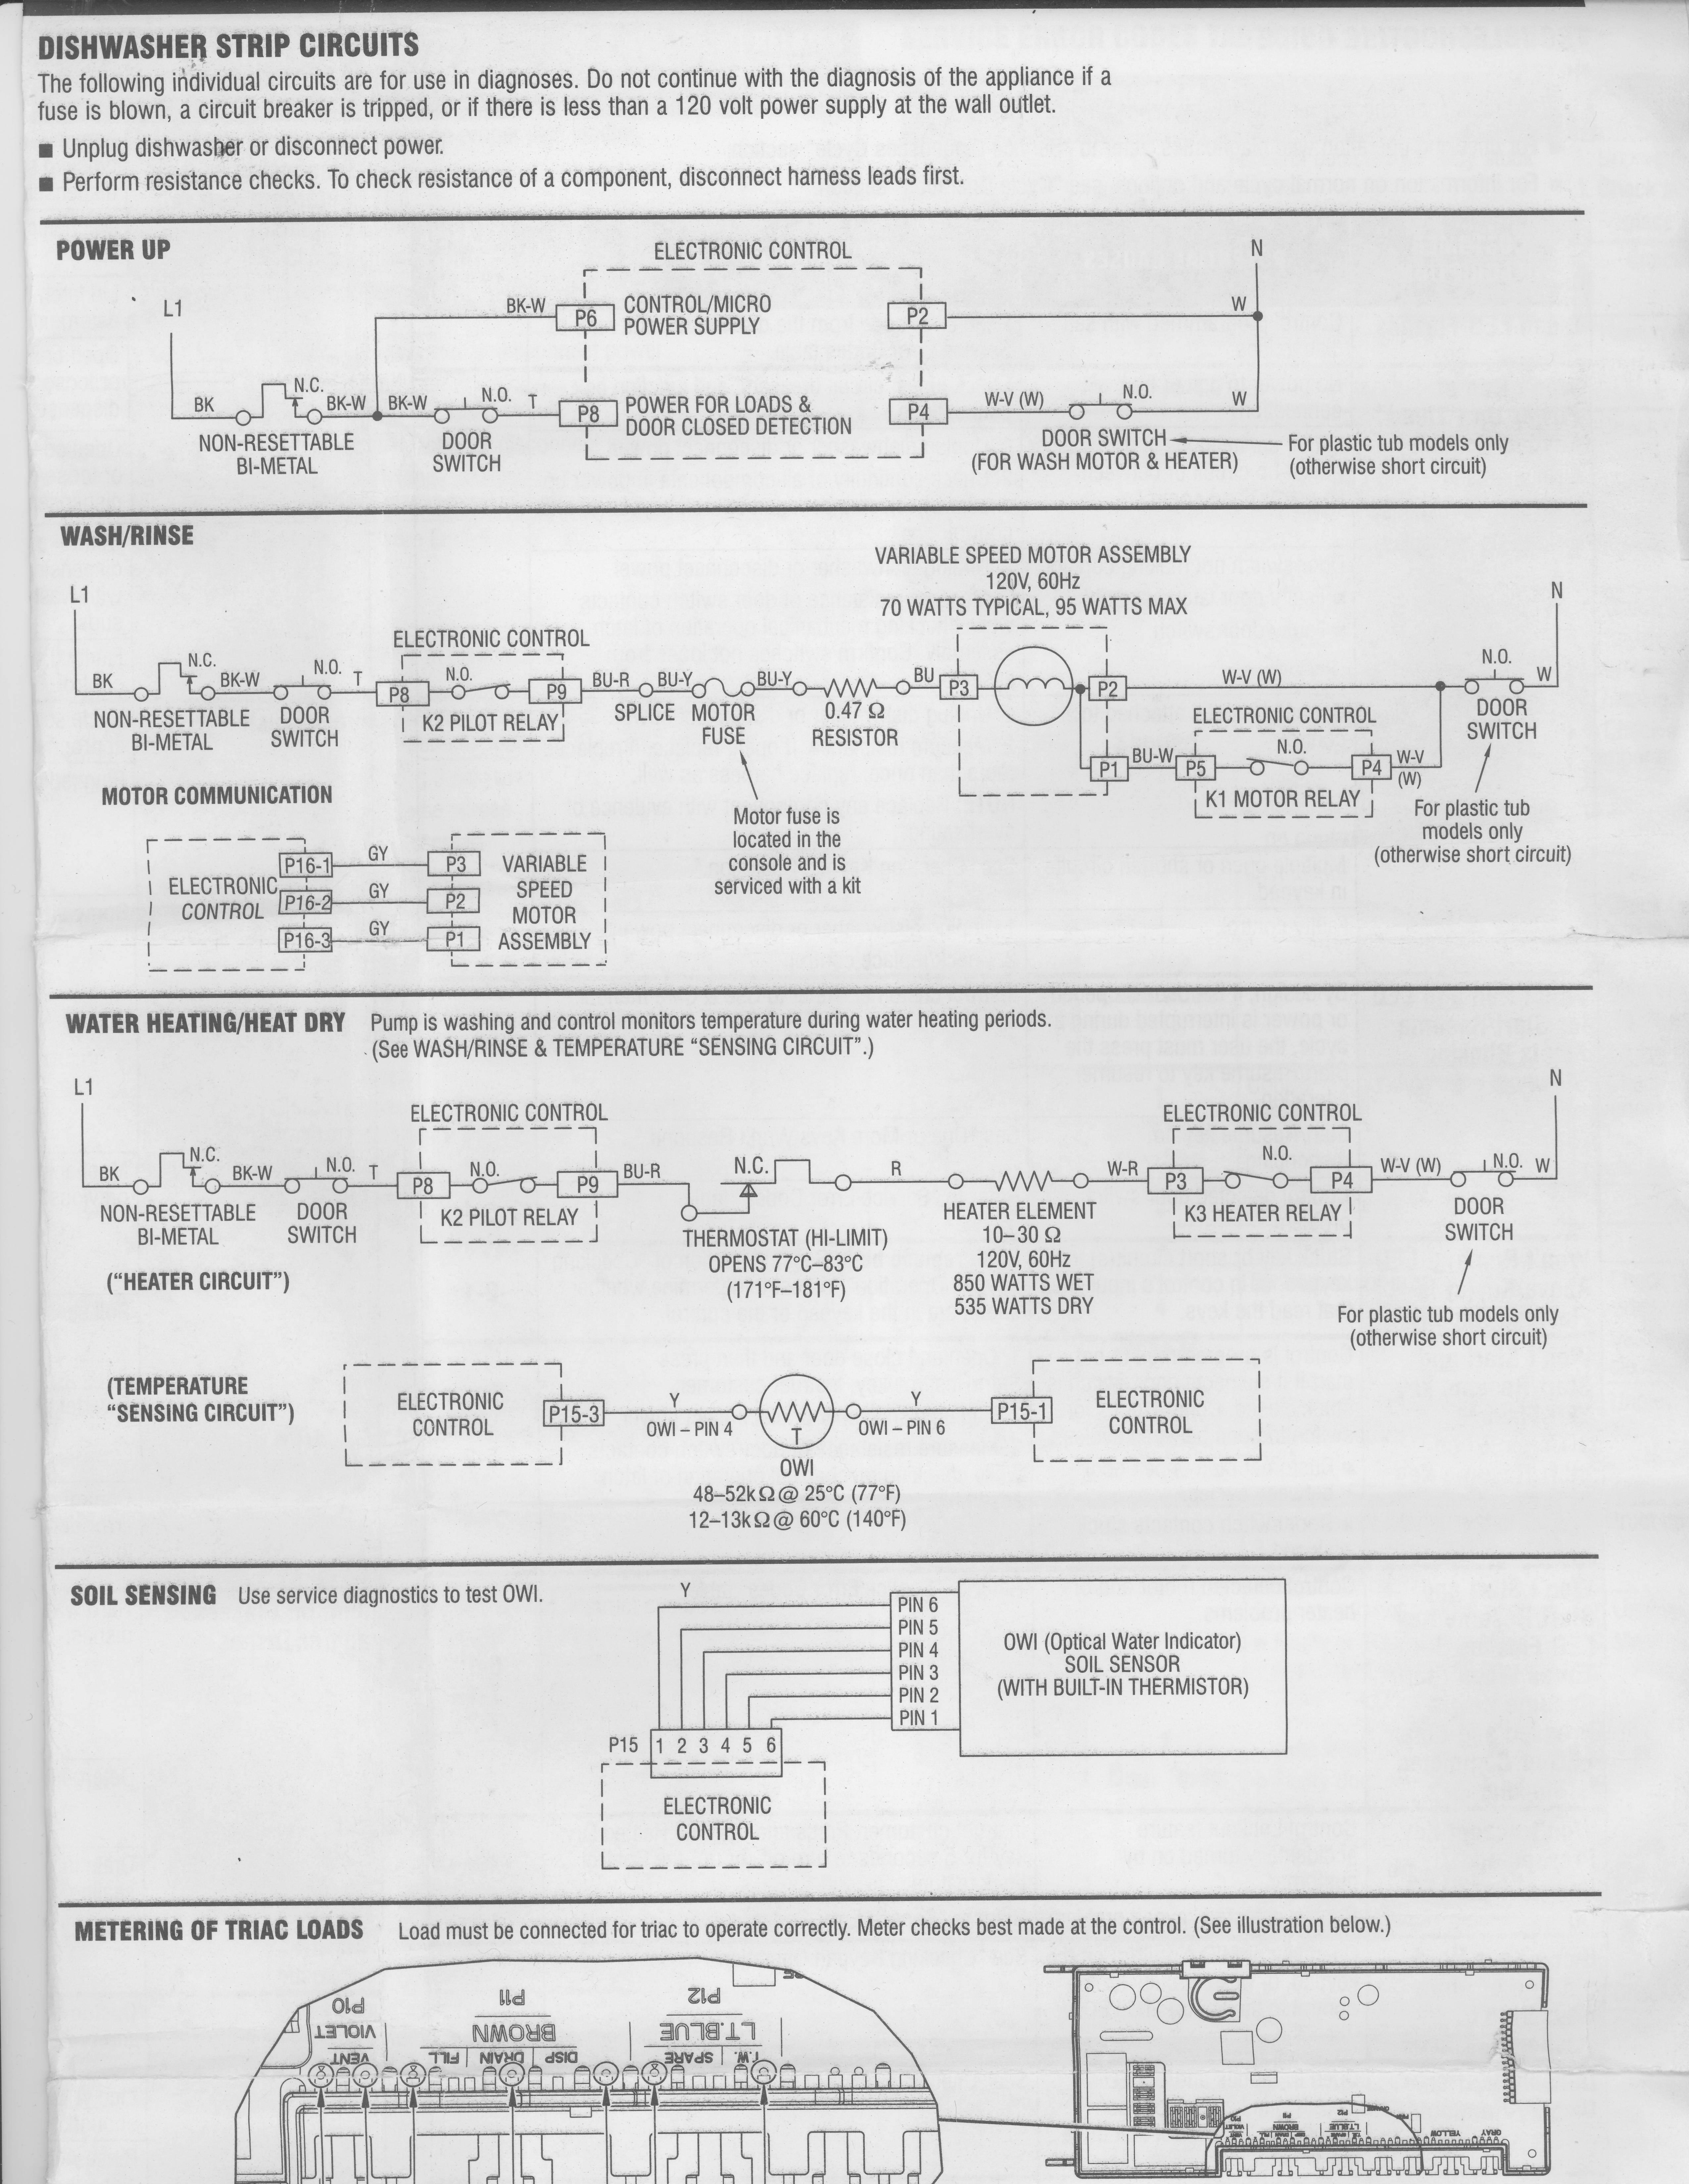 I Have A Kenmore Elite Ultrawash Dishwasher Model No 665